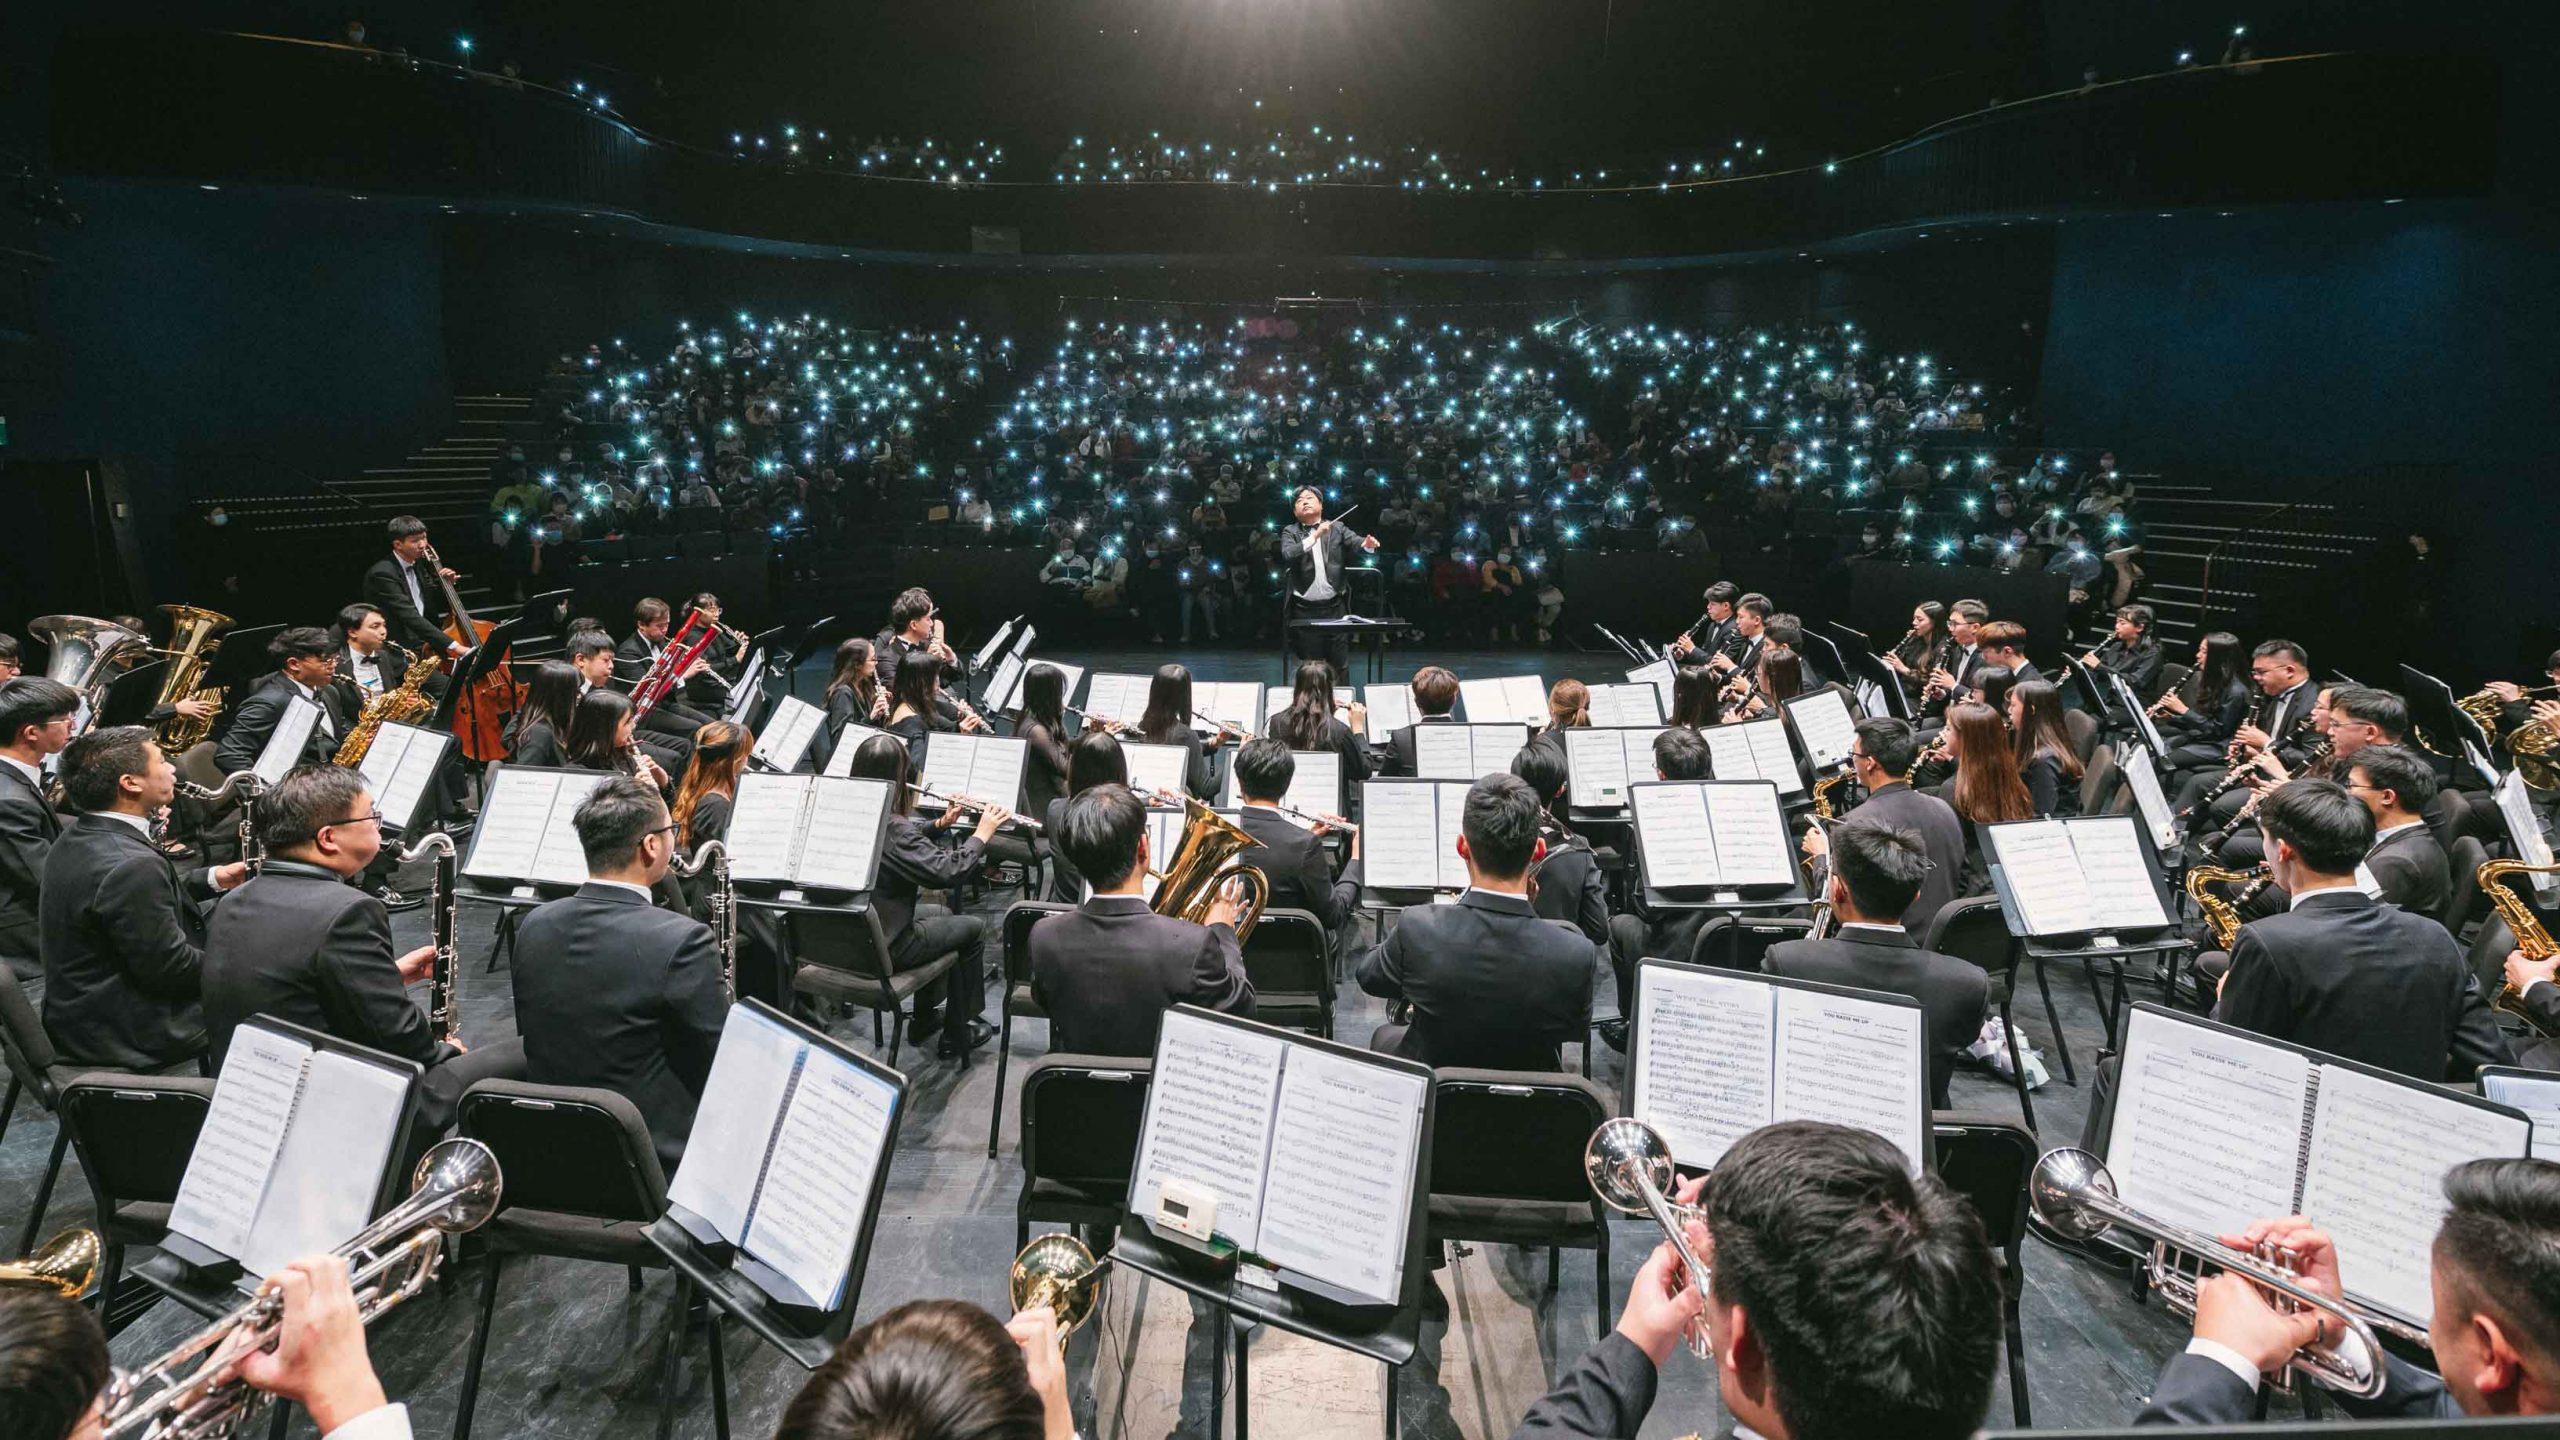 逢甲管樂-台中歌劇院演出